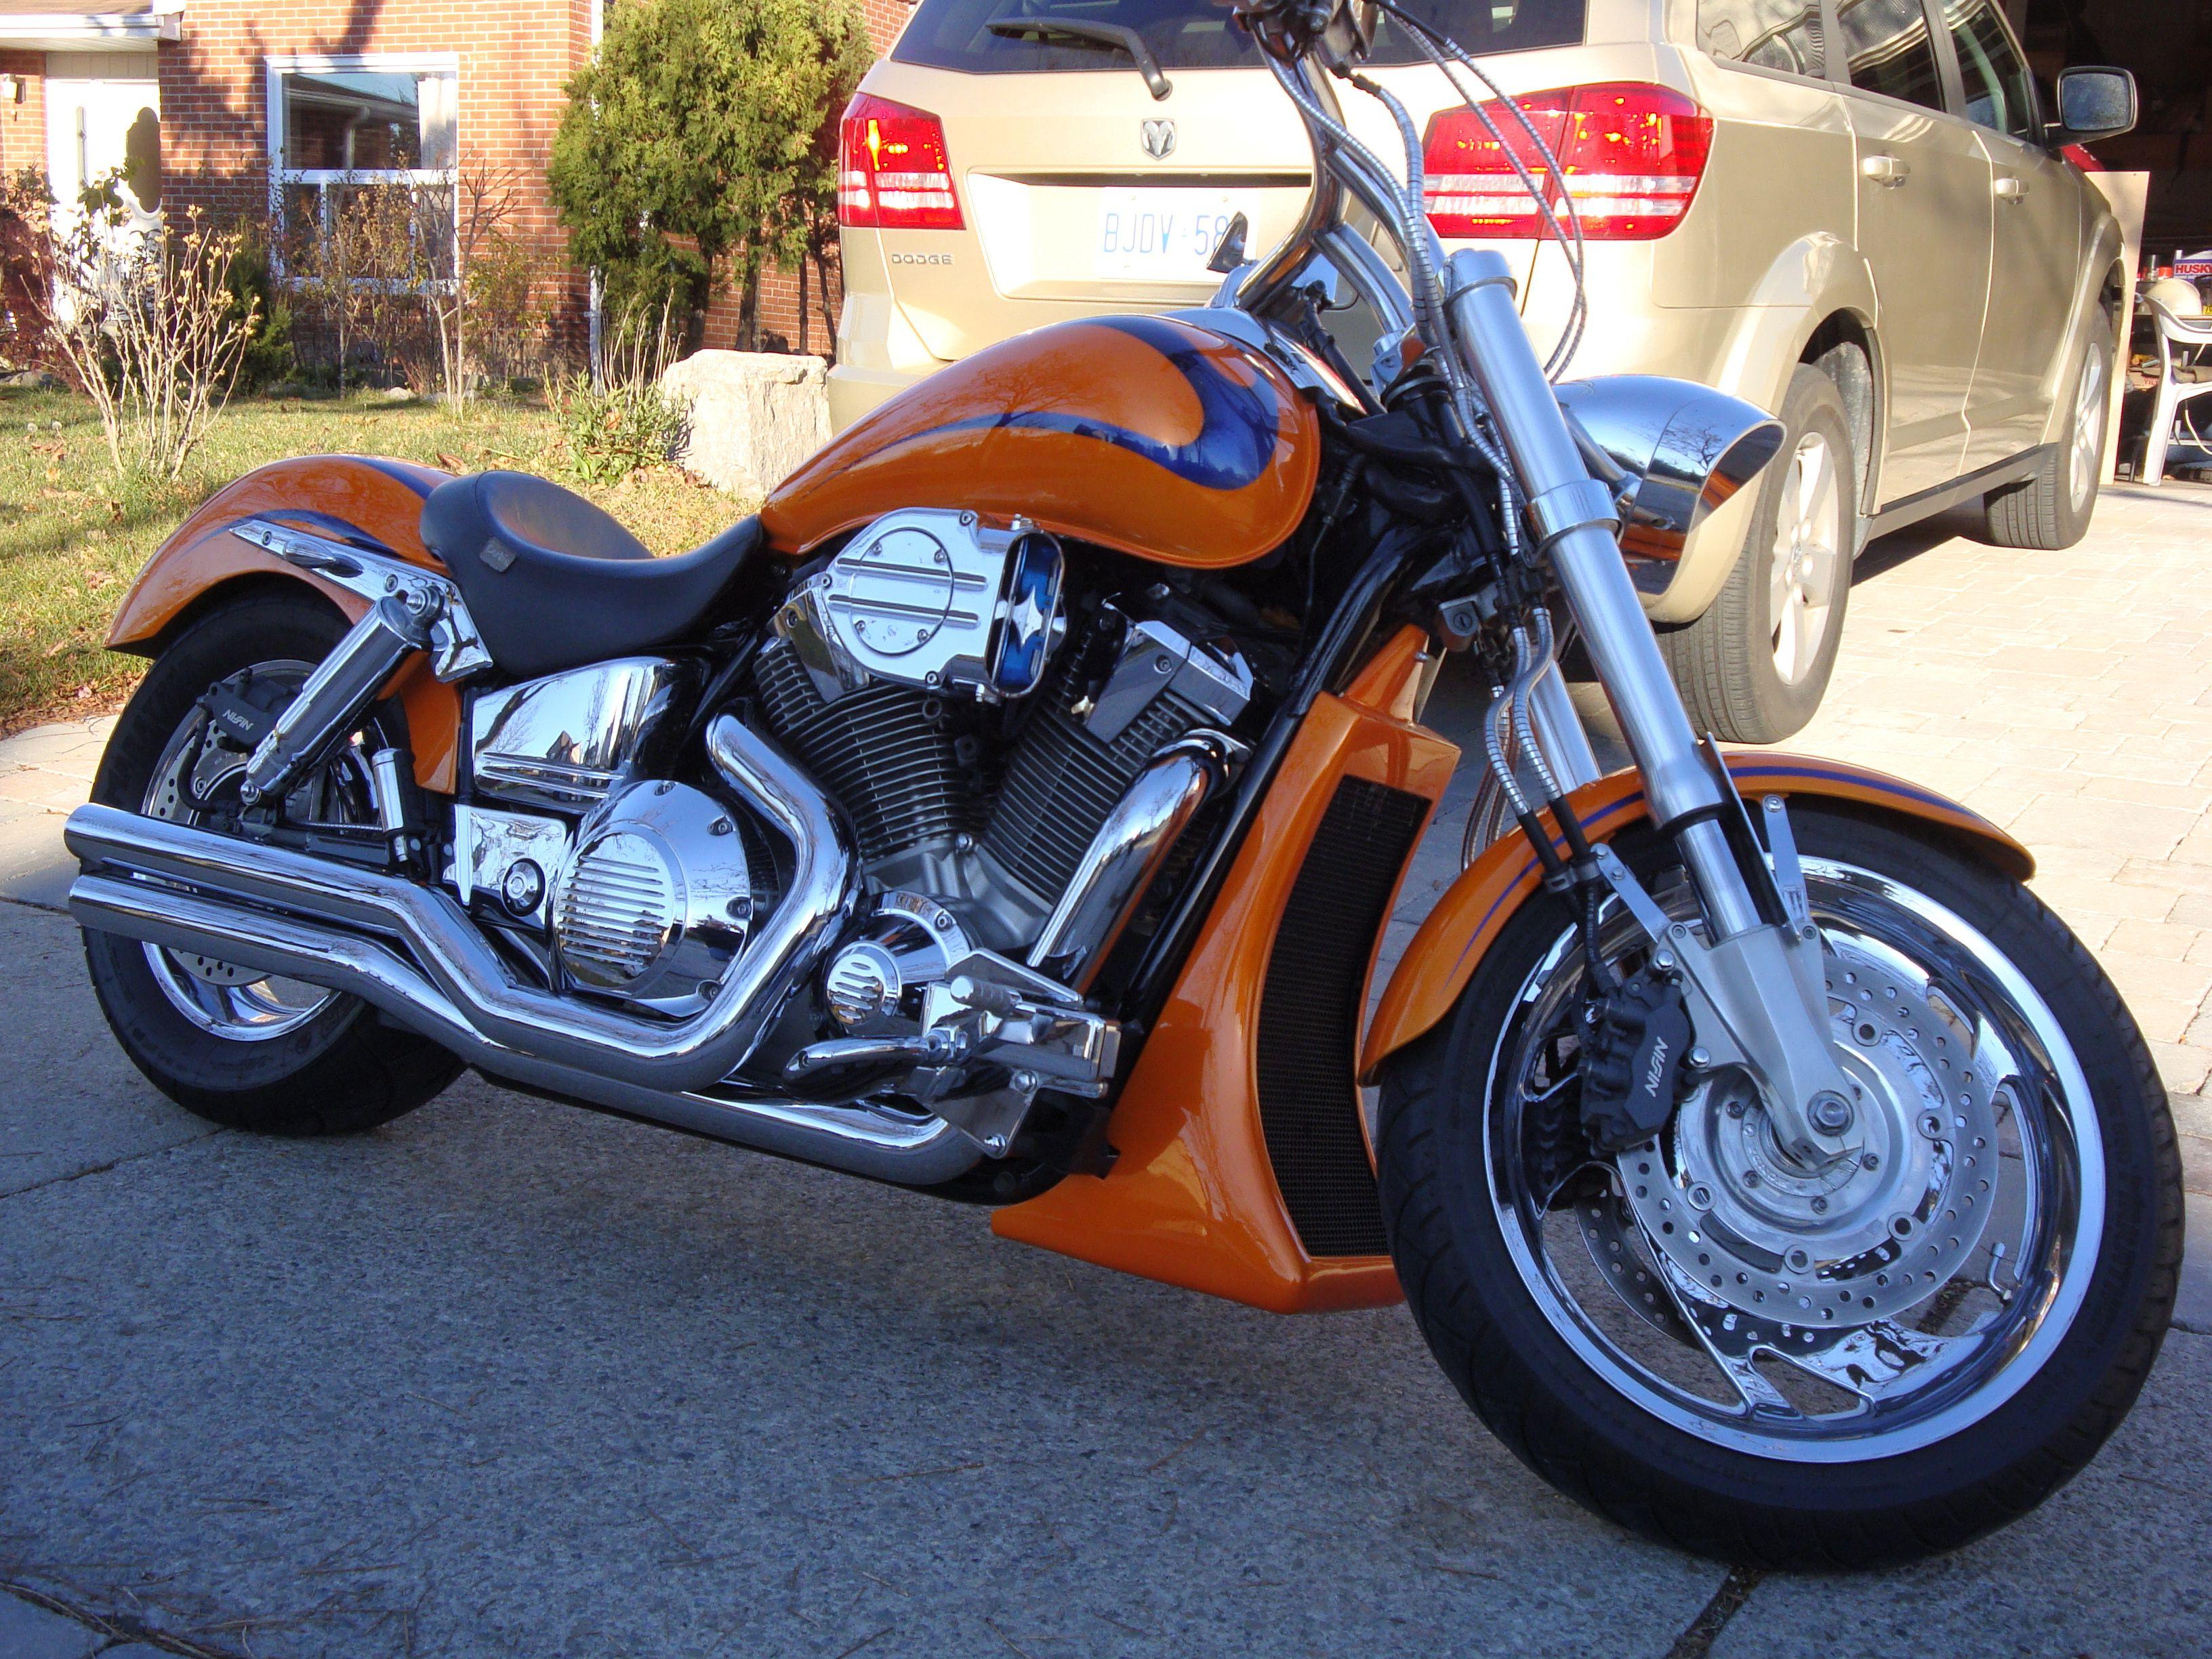 hight resolution of honda vtx 1800 honda motorcycles custom motorcycles custom bikes cars and motorcycles